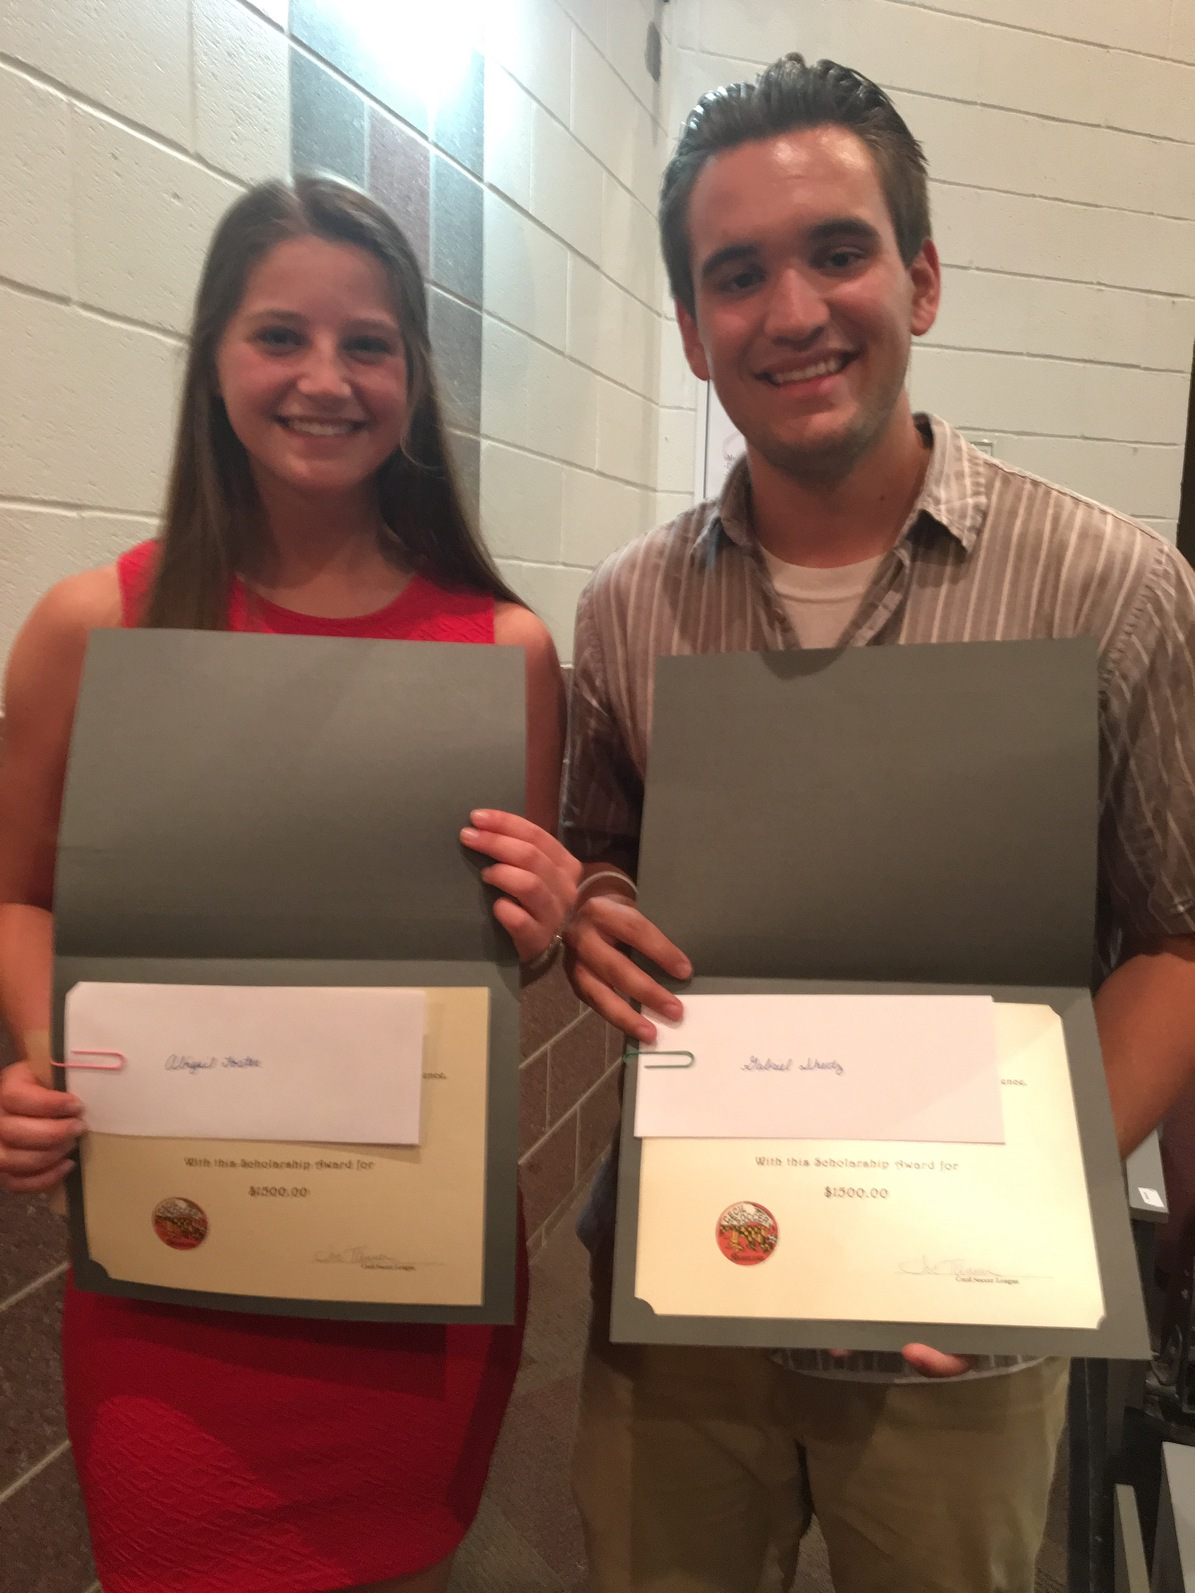 Bo Manor Scholarship recipients